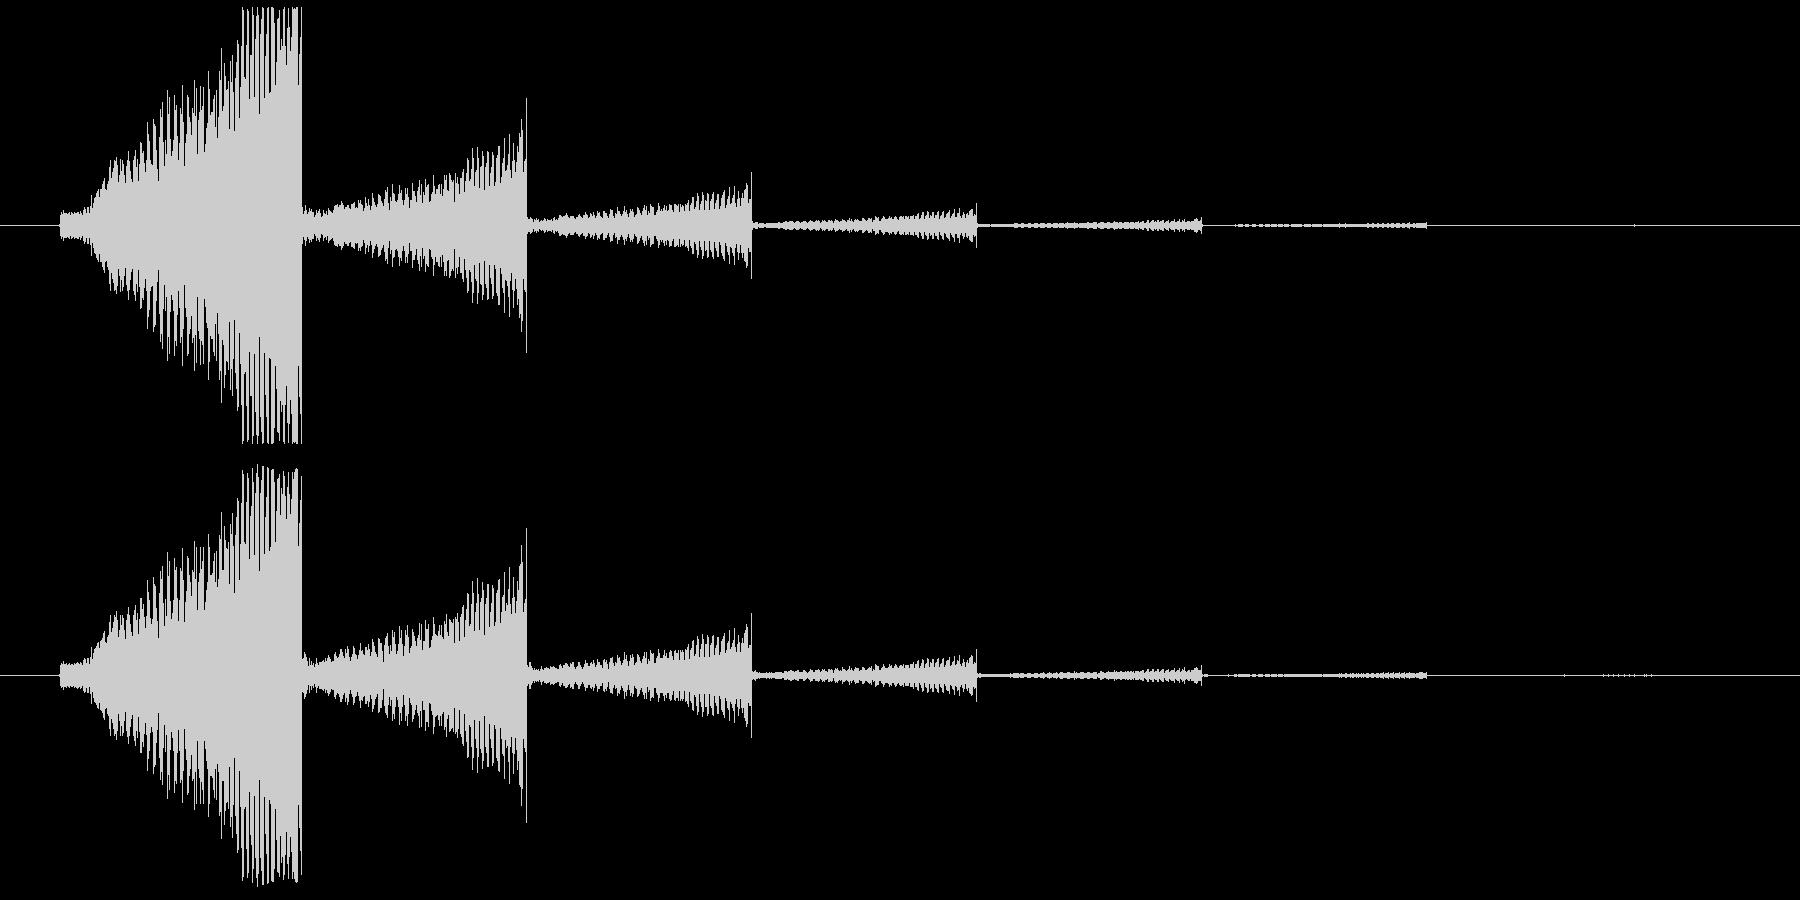 エレキギター音(失敗・回想)の未再生の波形